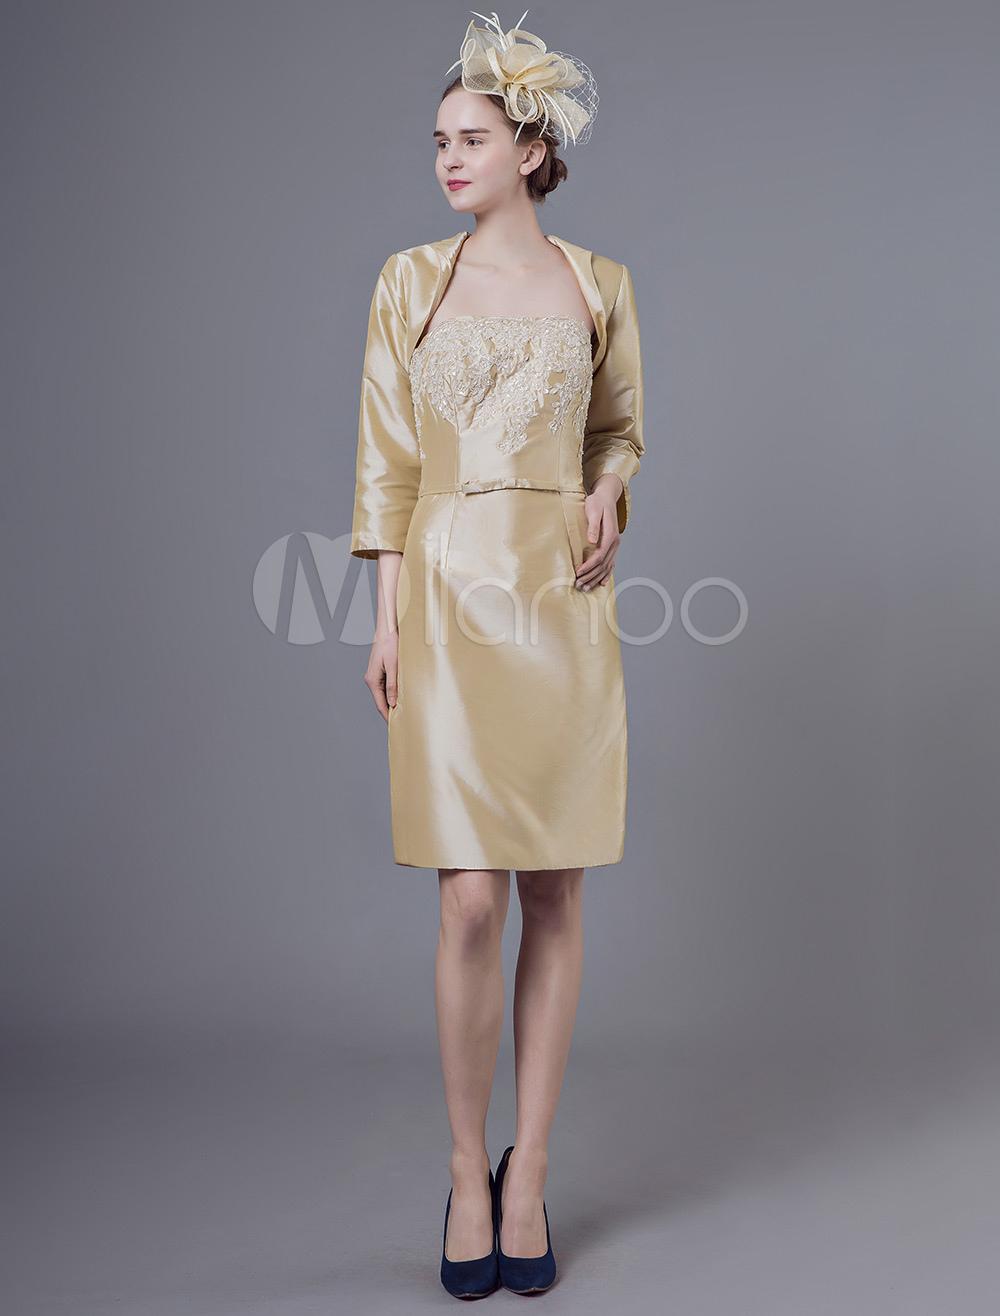 c925b6d69c5 ... Robes Mère Outfit Taffetas Applique Gaine Court Longueur Au Genou Robe  De Mariage Bustier Avec Bolero ...